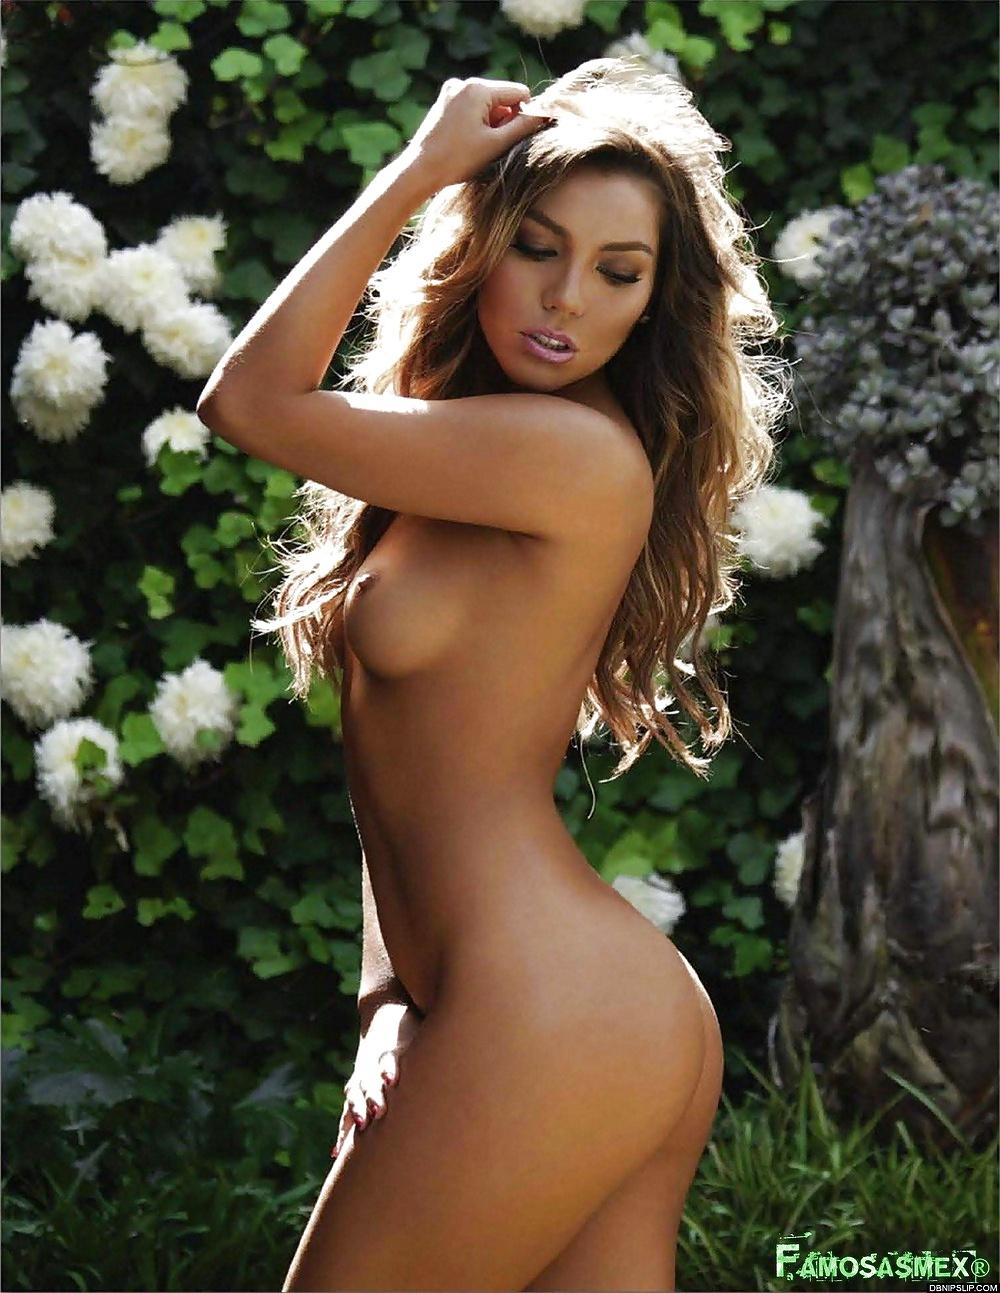 Nena guzman naked #15